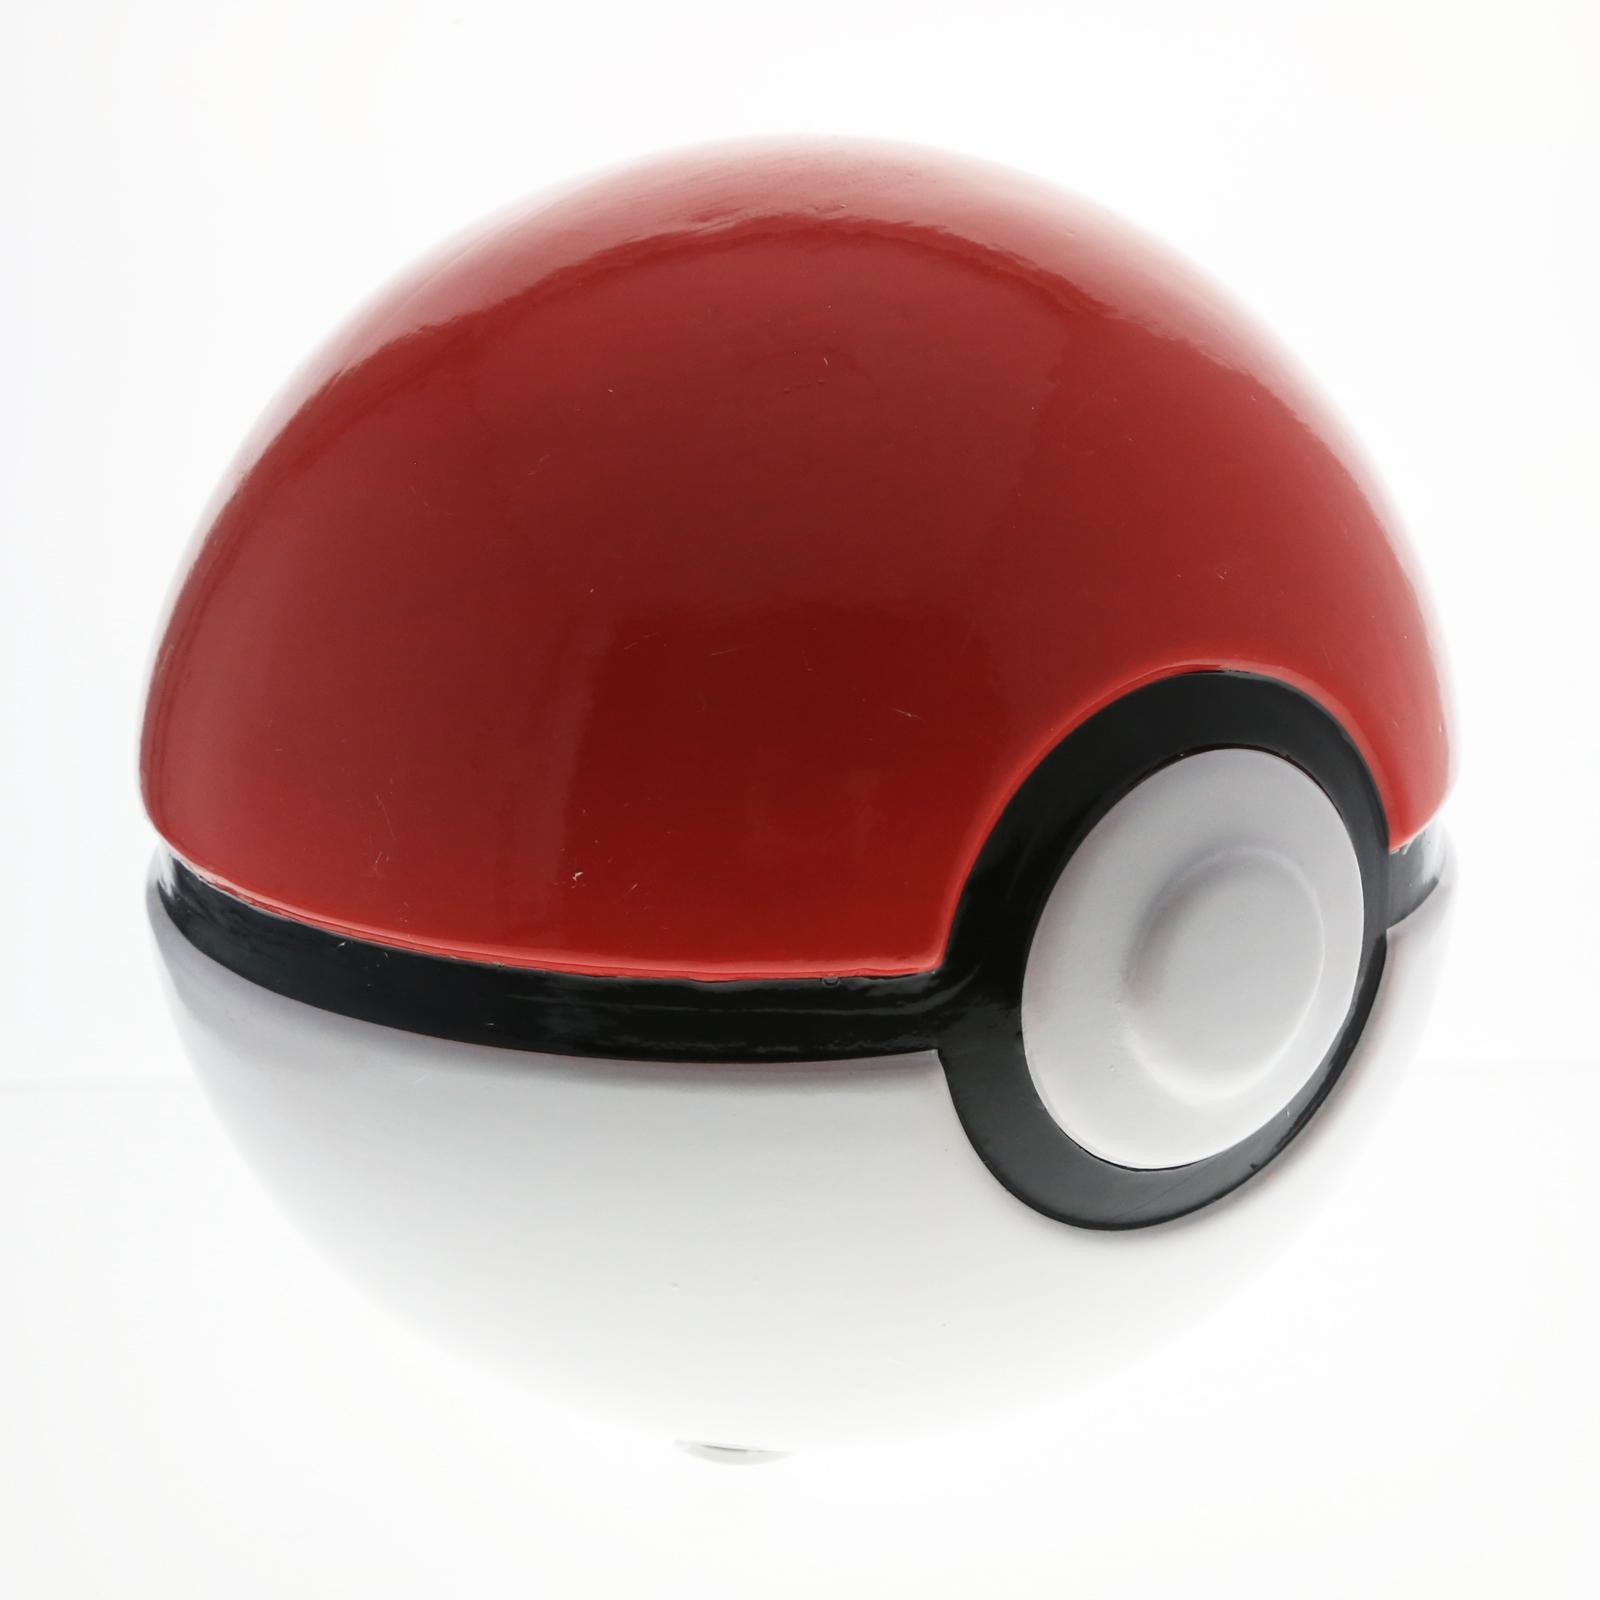 Nintendo Pokemon Pokeball Piggy Bank Kids Ceramic Coin Savings Jar Toy Bank